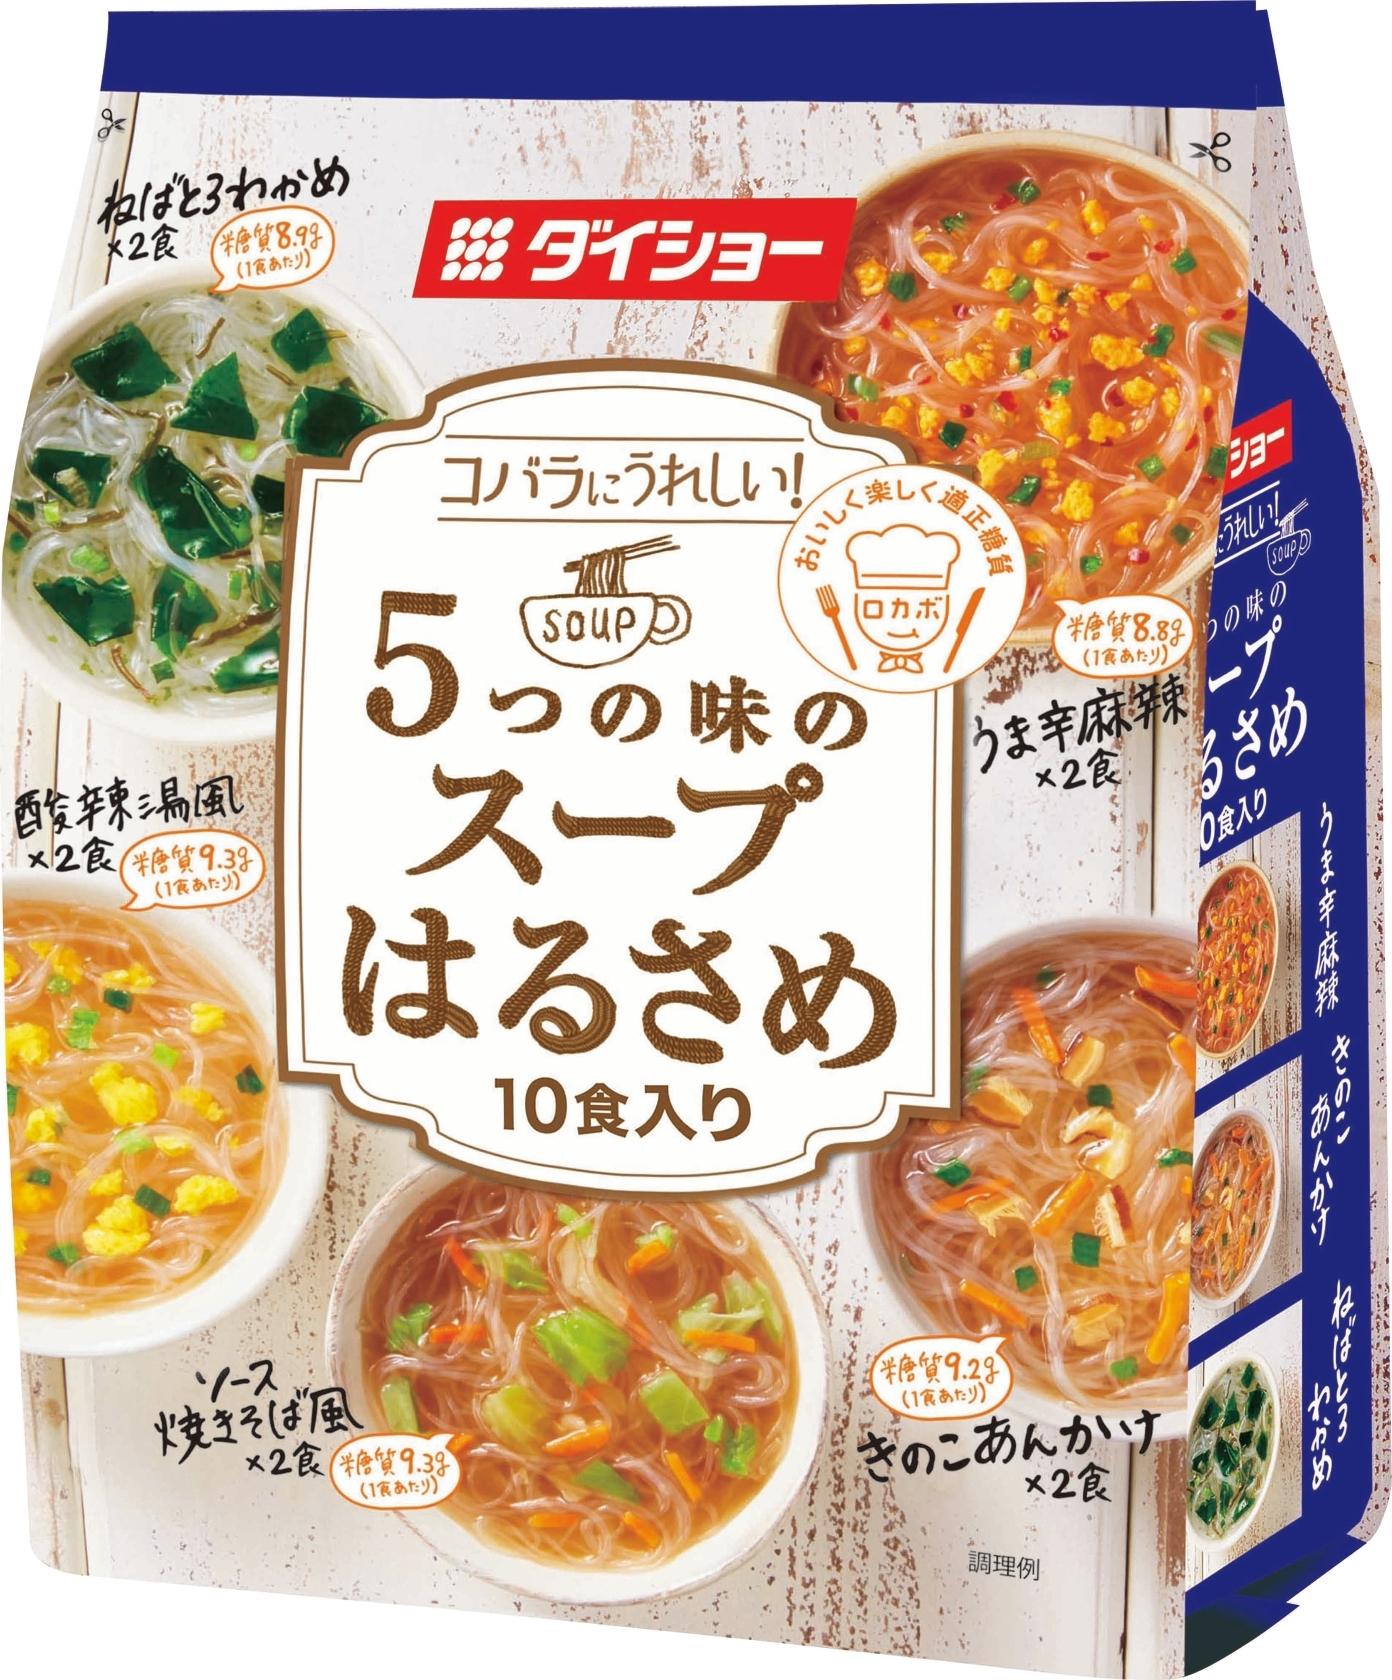 スープ ダイエット 春雨